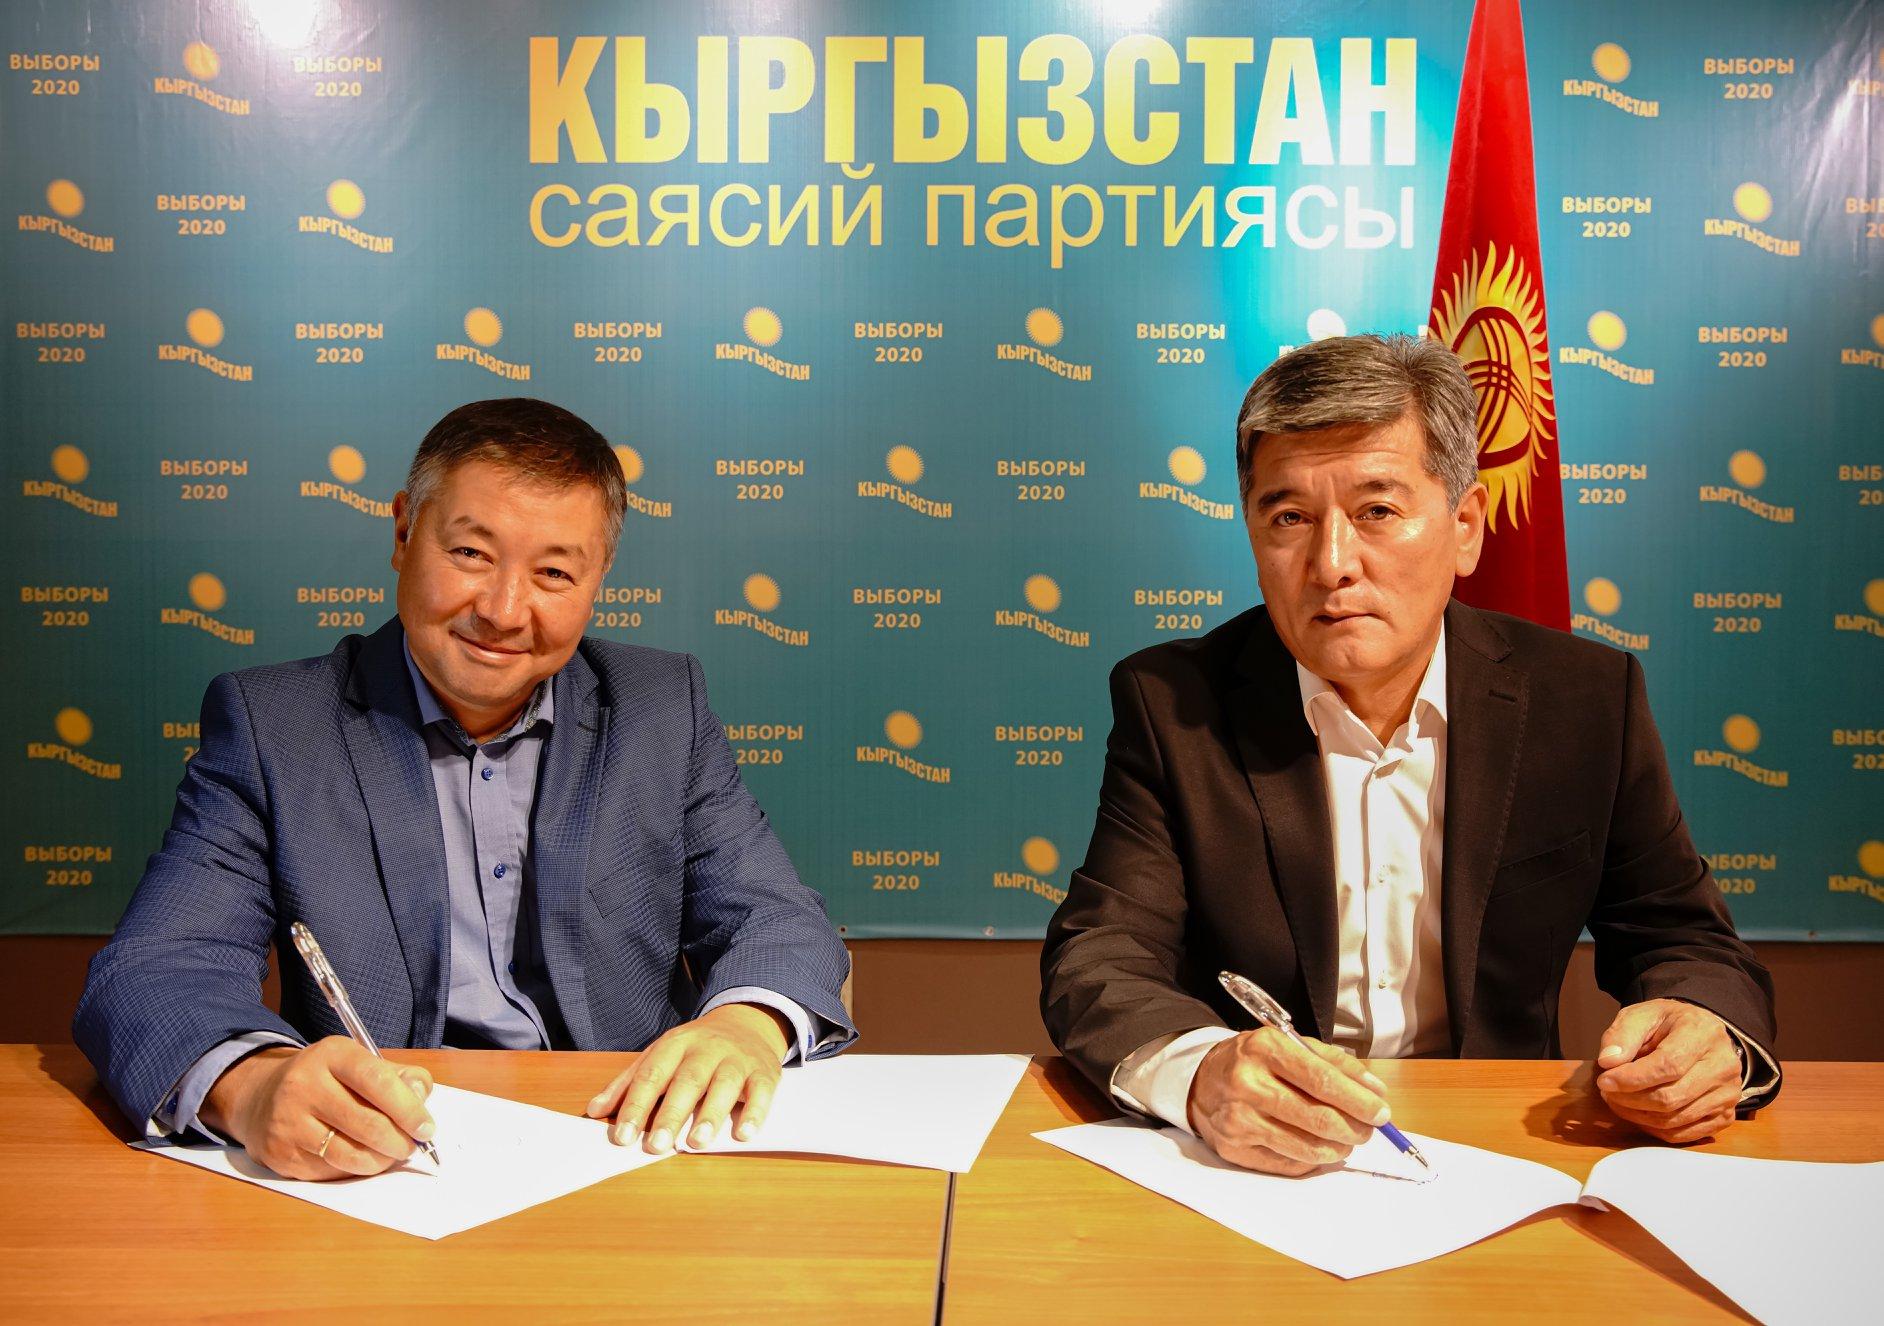 """Шайлоо 2020: «Кыргызстан"""" жана """"Улуу журт"""" партиялары бирикти"""